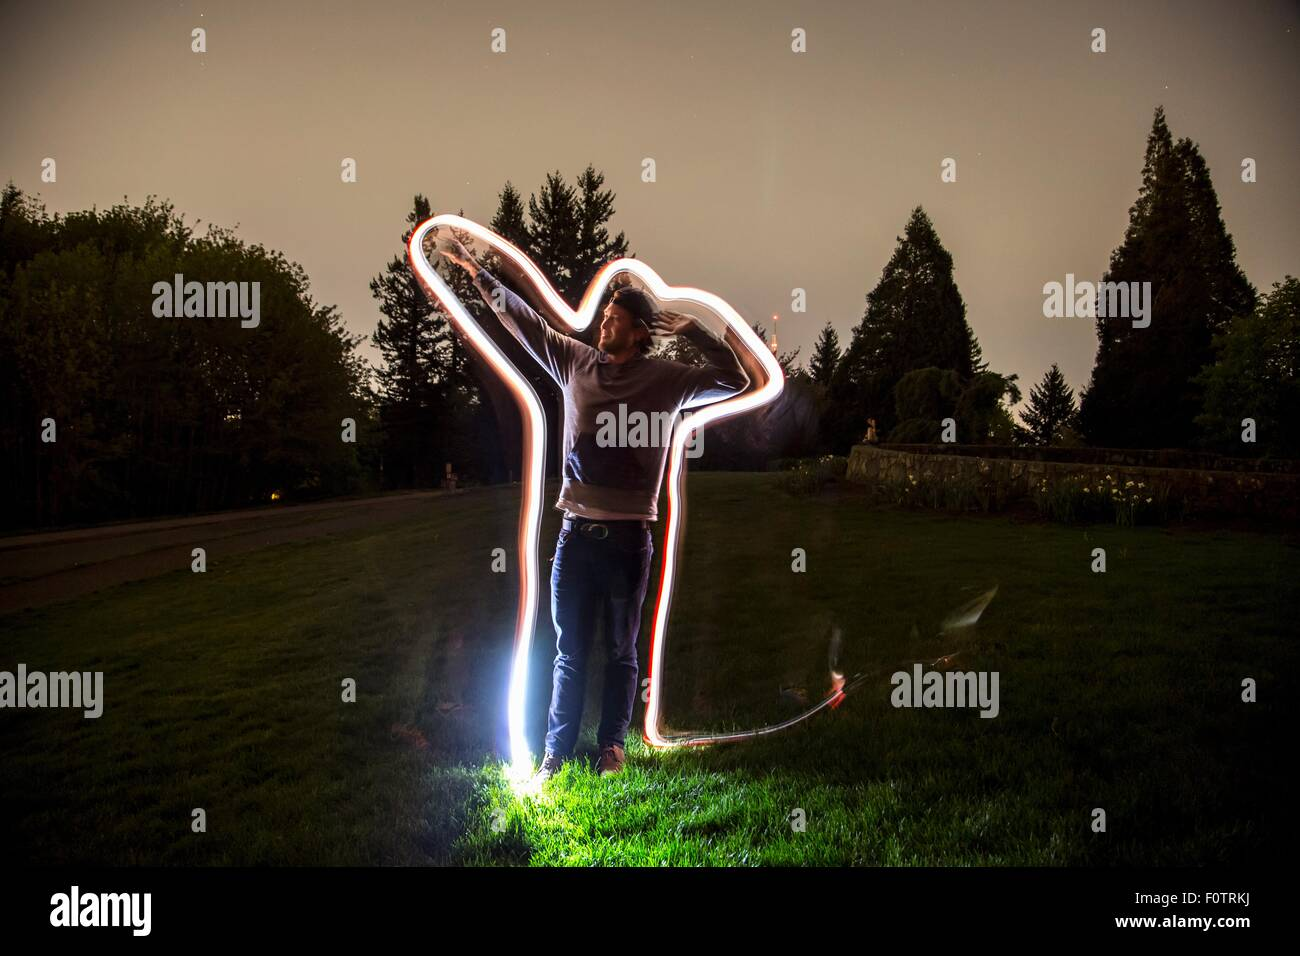 Junger Mann, steht im Feld in der Dämmerung, Arm in Position, Lichtspur tracing Körperform zeigen Stockbild